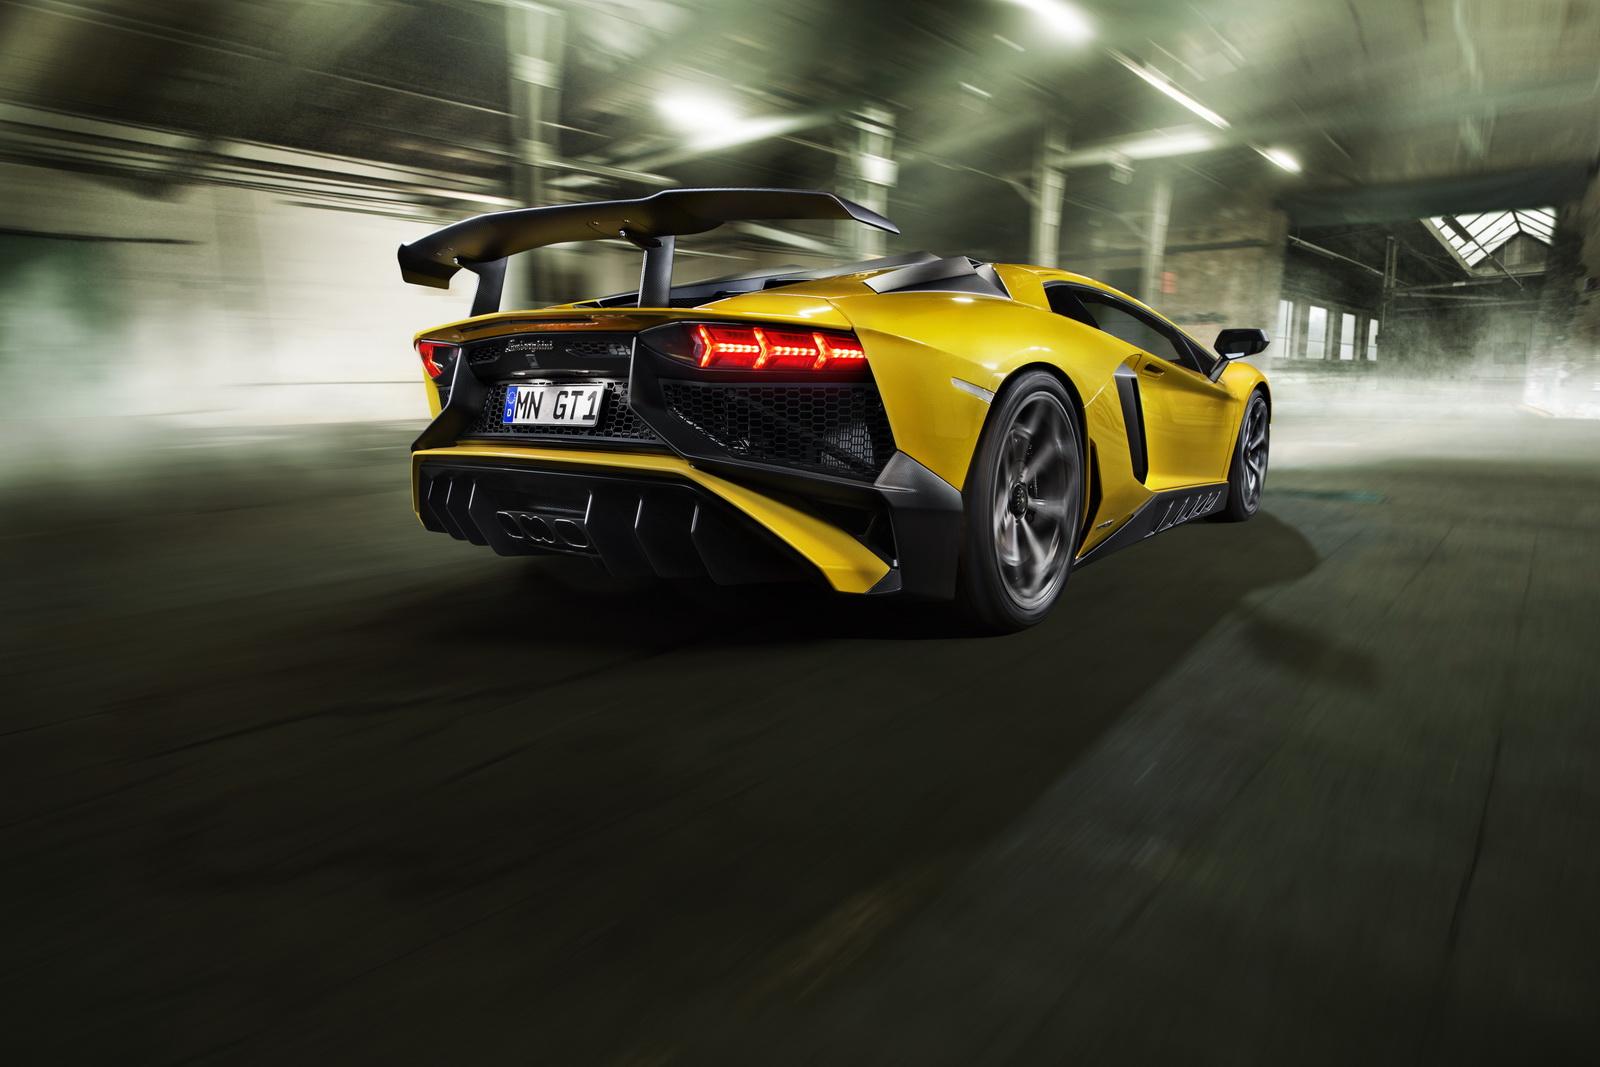 Cánh gió của xe được làm bằng carbon siêu nhẹ, giúp xe phong cách và ổn định hơn